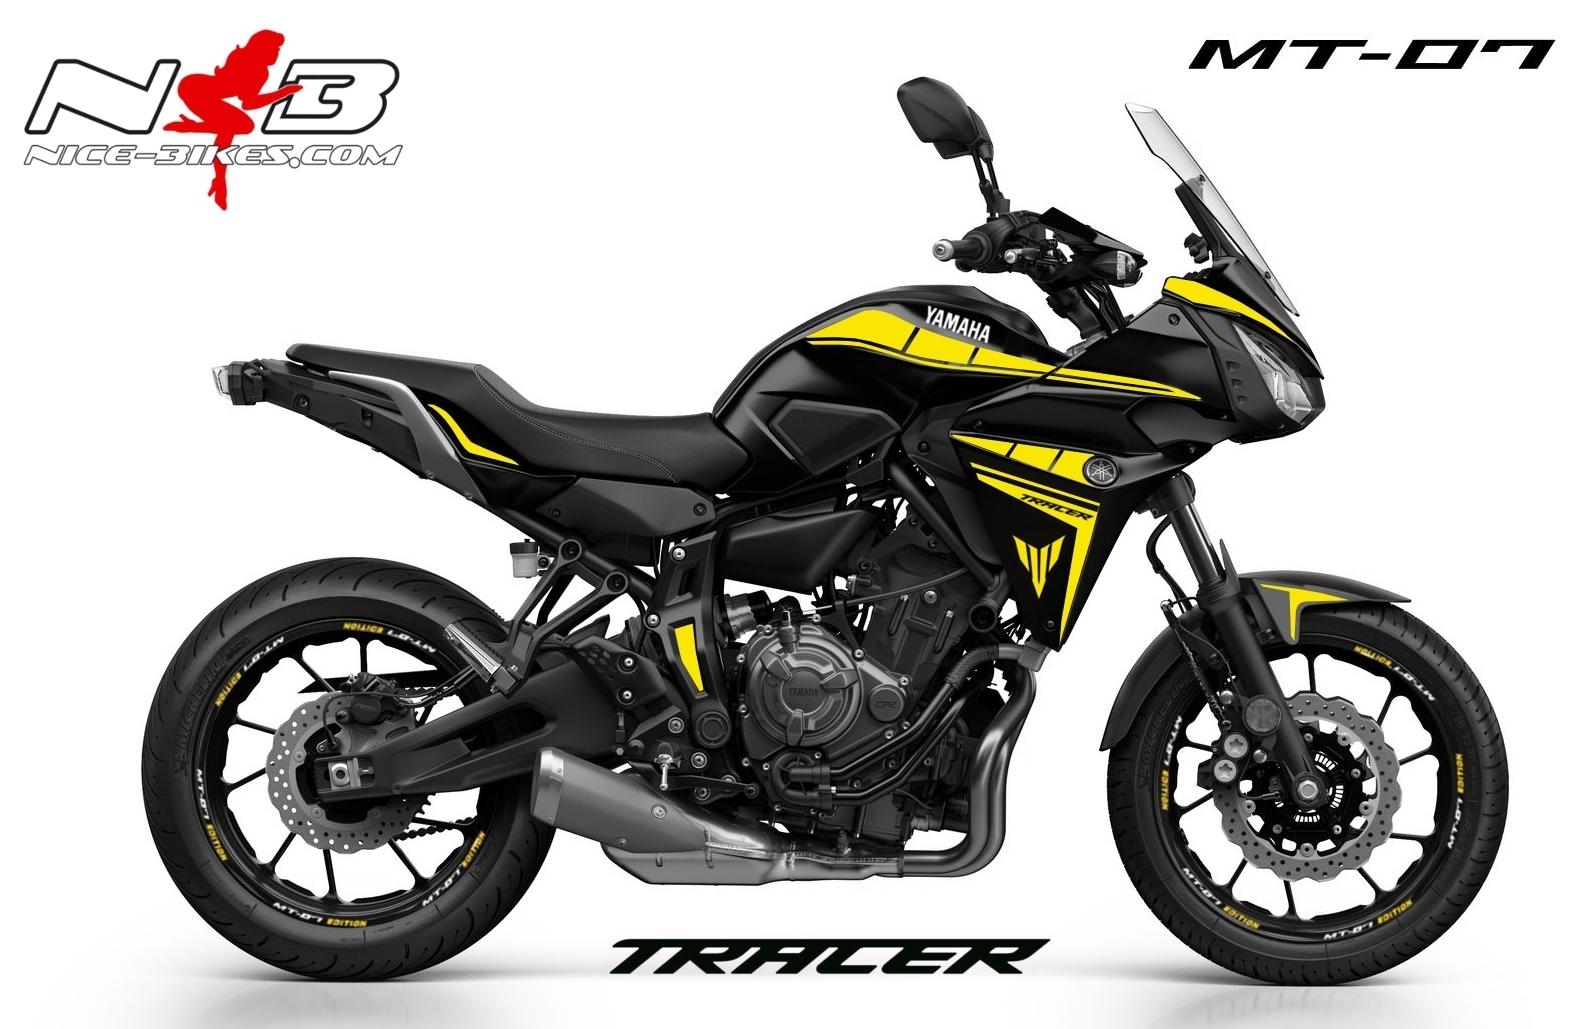 MT07 Tracer gelb auf schwarzer Maschine